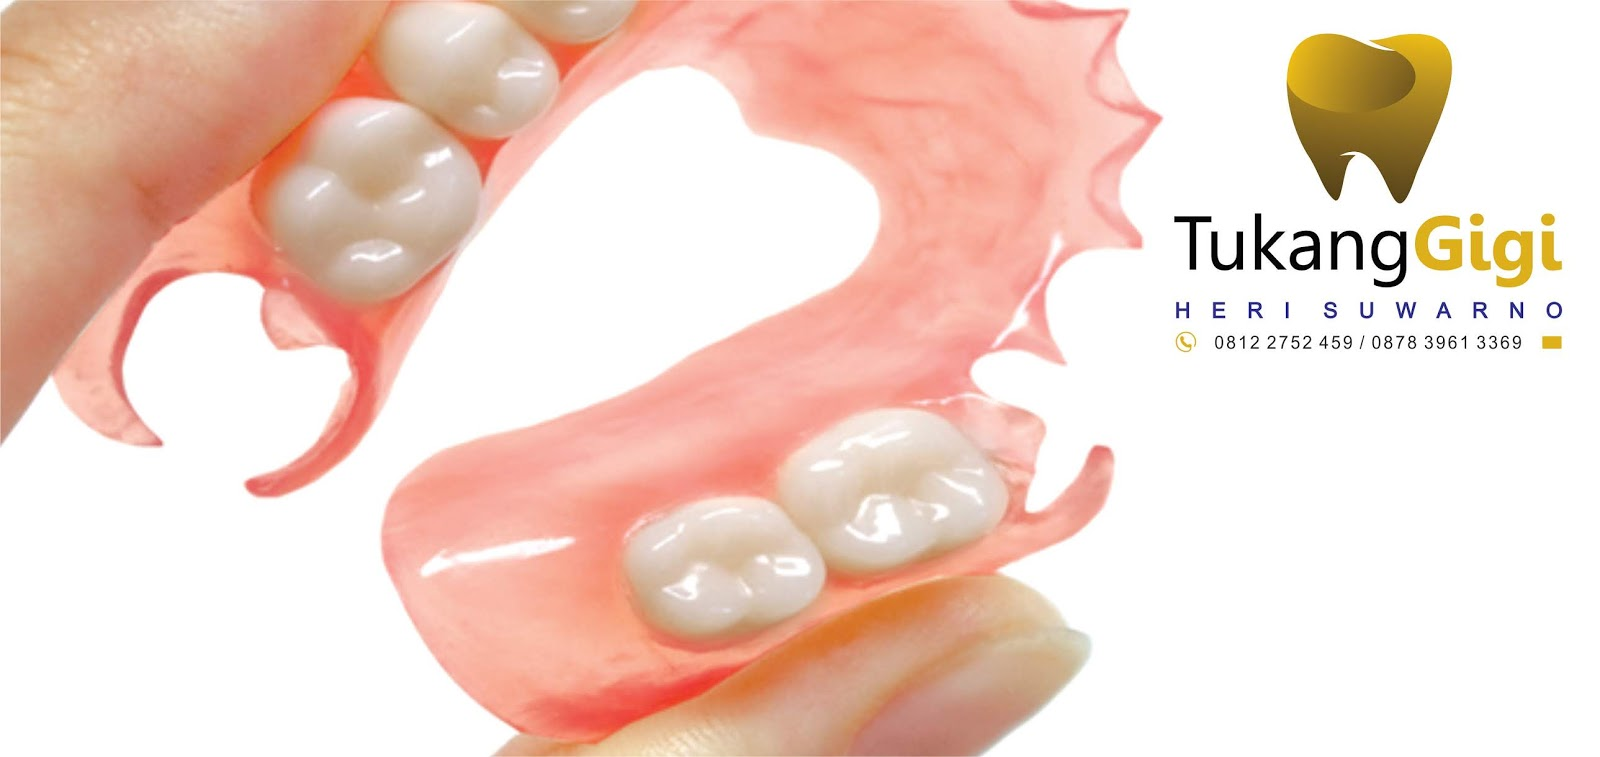 Pada beberapa kondisi gigi yang patah dapat direstorasi diperbaiki dengan  menggunakan bagian patahannya namun tentu saja hal in bergantung dari  beberapa ... 7714cb100c